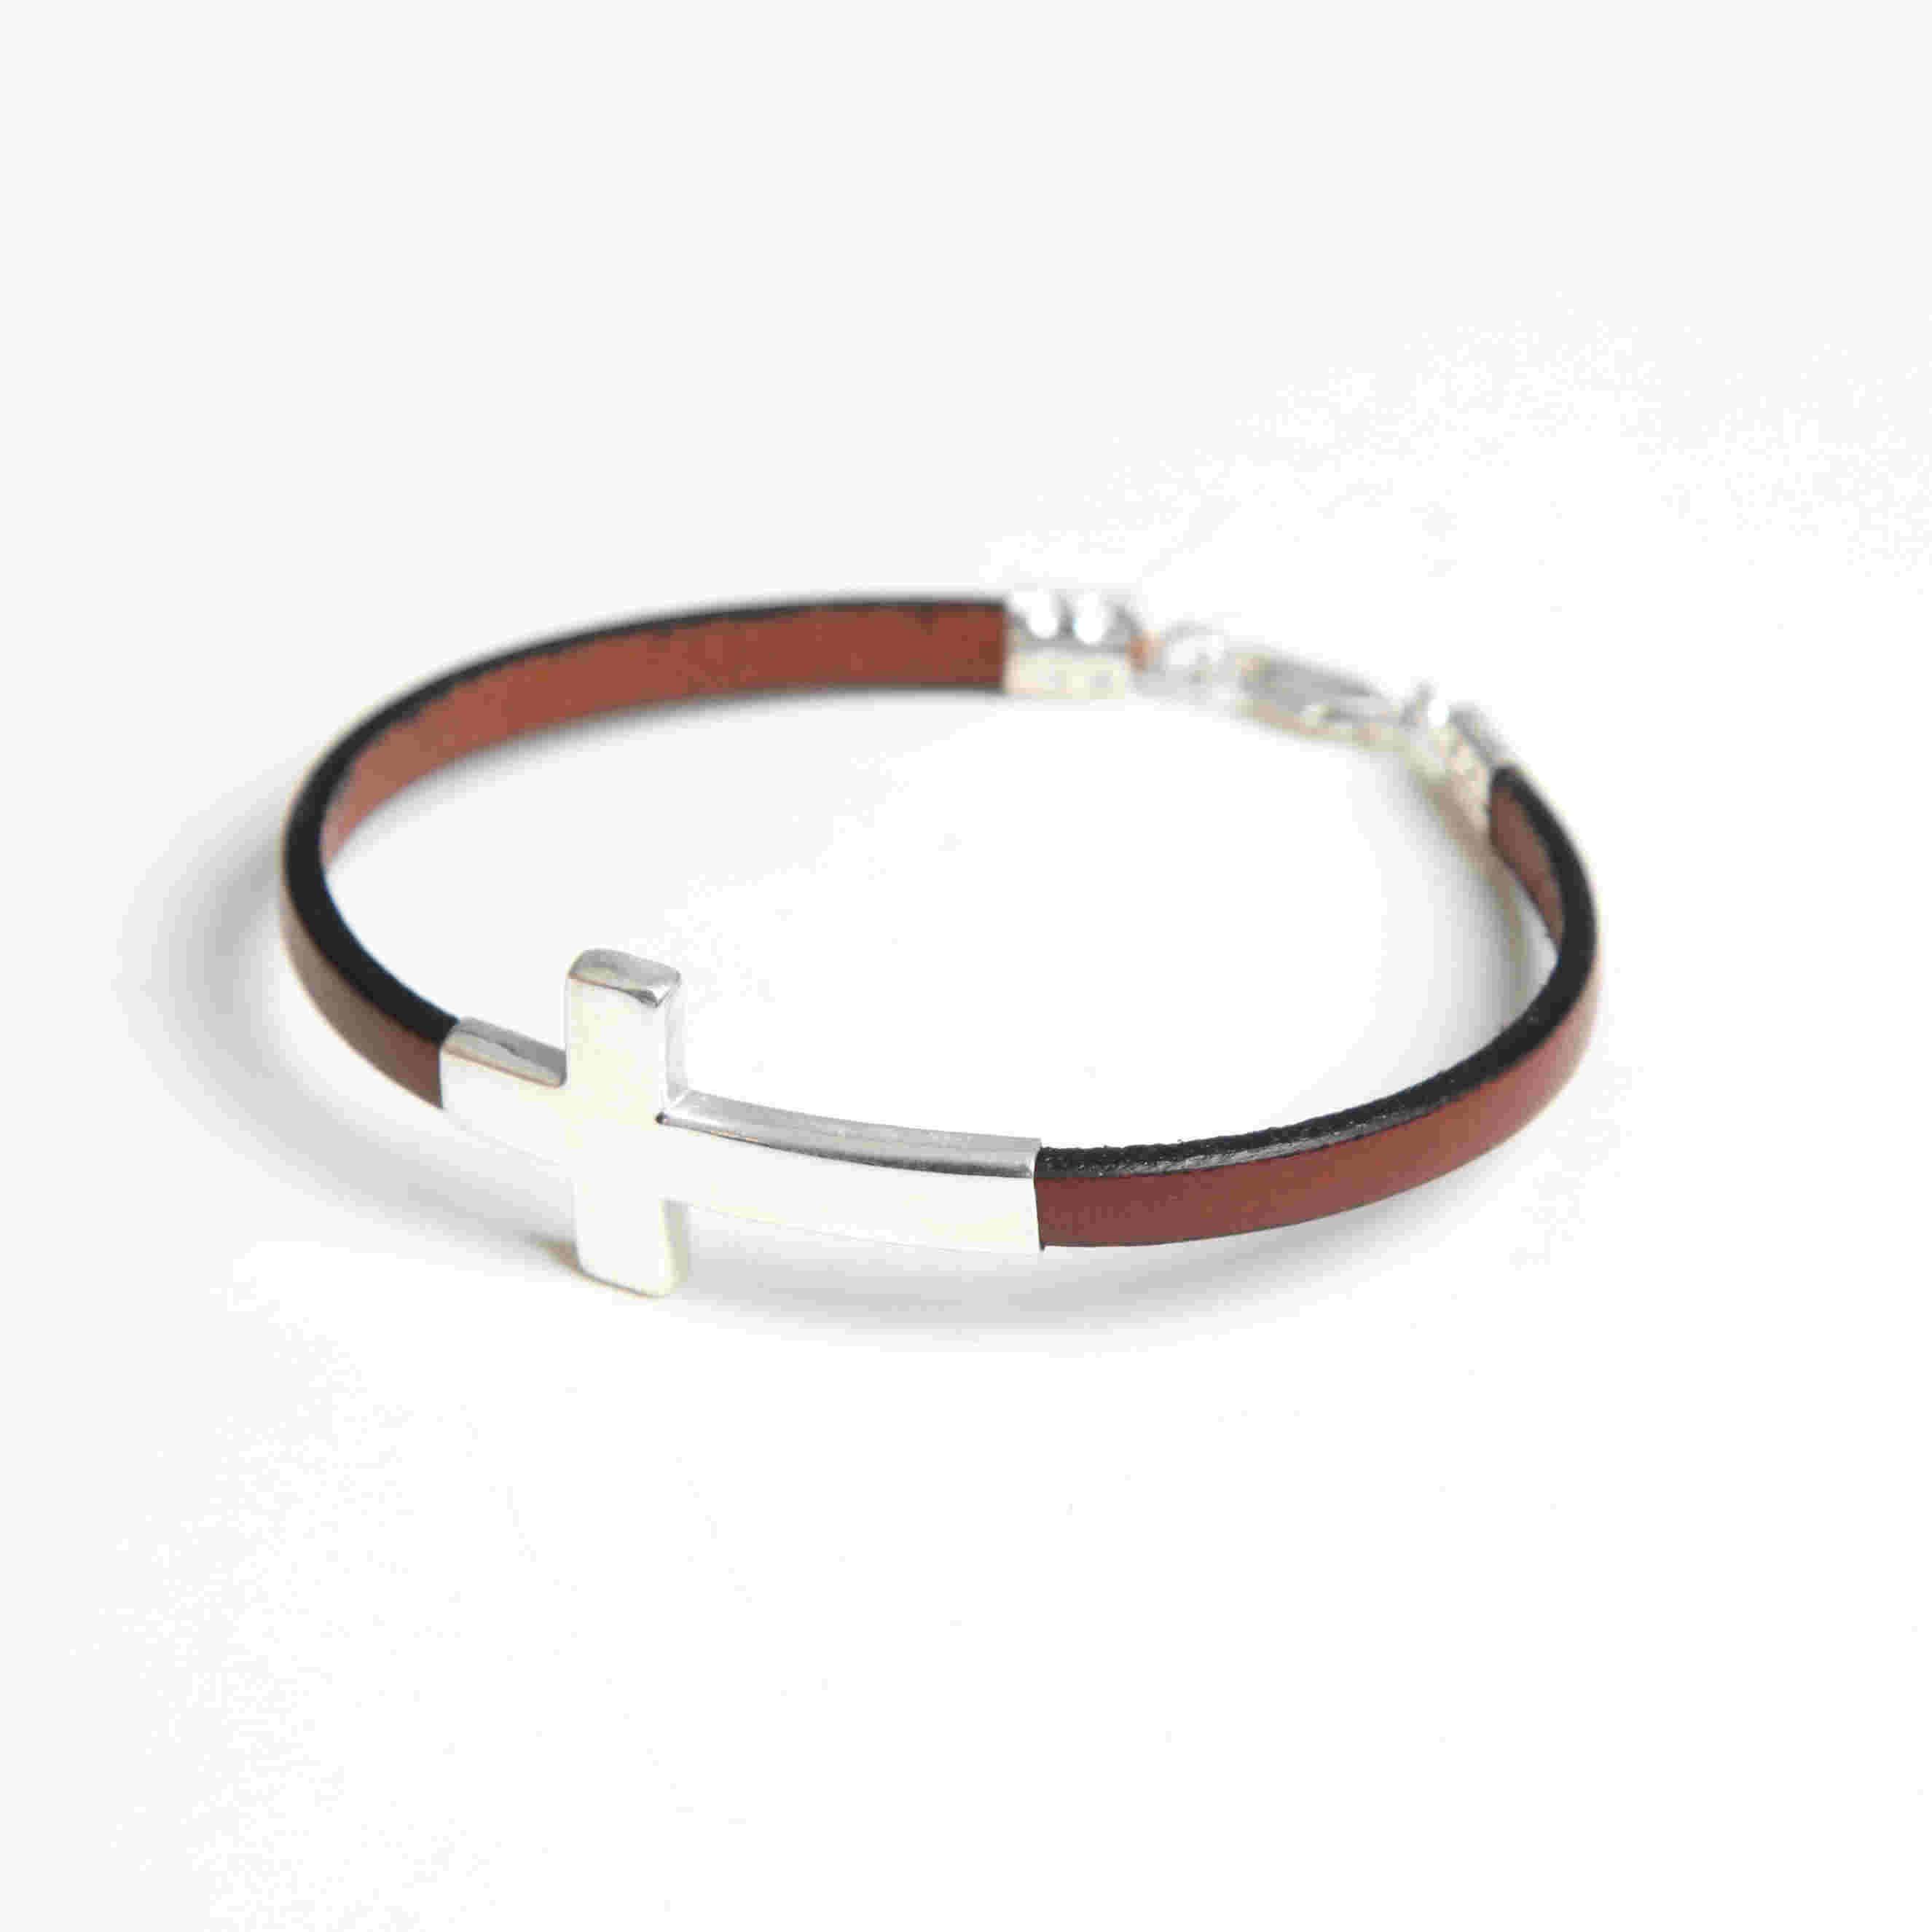 85418b145fd6 Pulsera con cruz de plata de ley 925. Cadena de cuero color marrón y cierre  de plata. Pulseras Cuero Hombre. Pulseras de Plata para Hombre